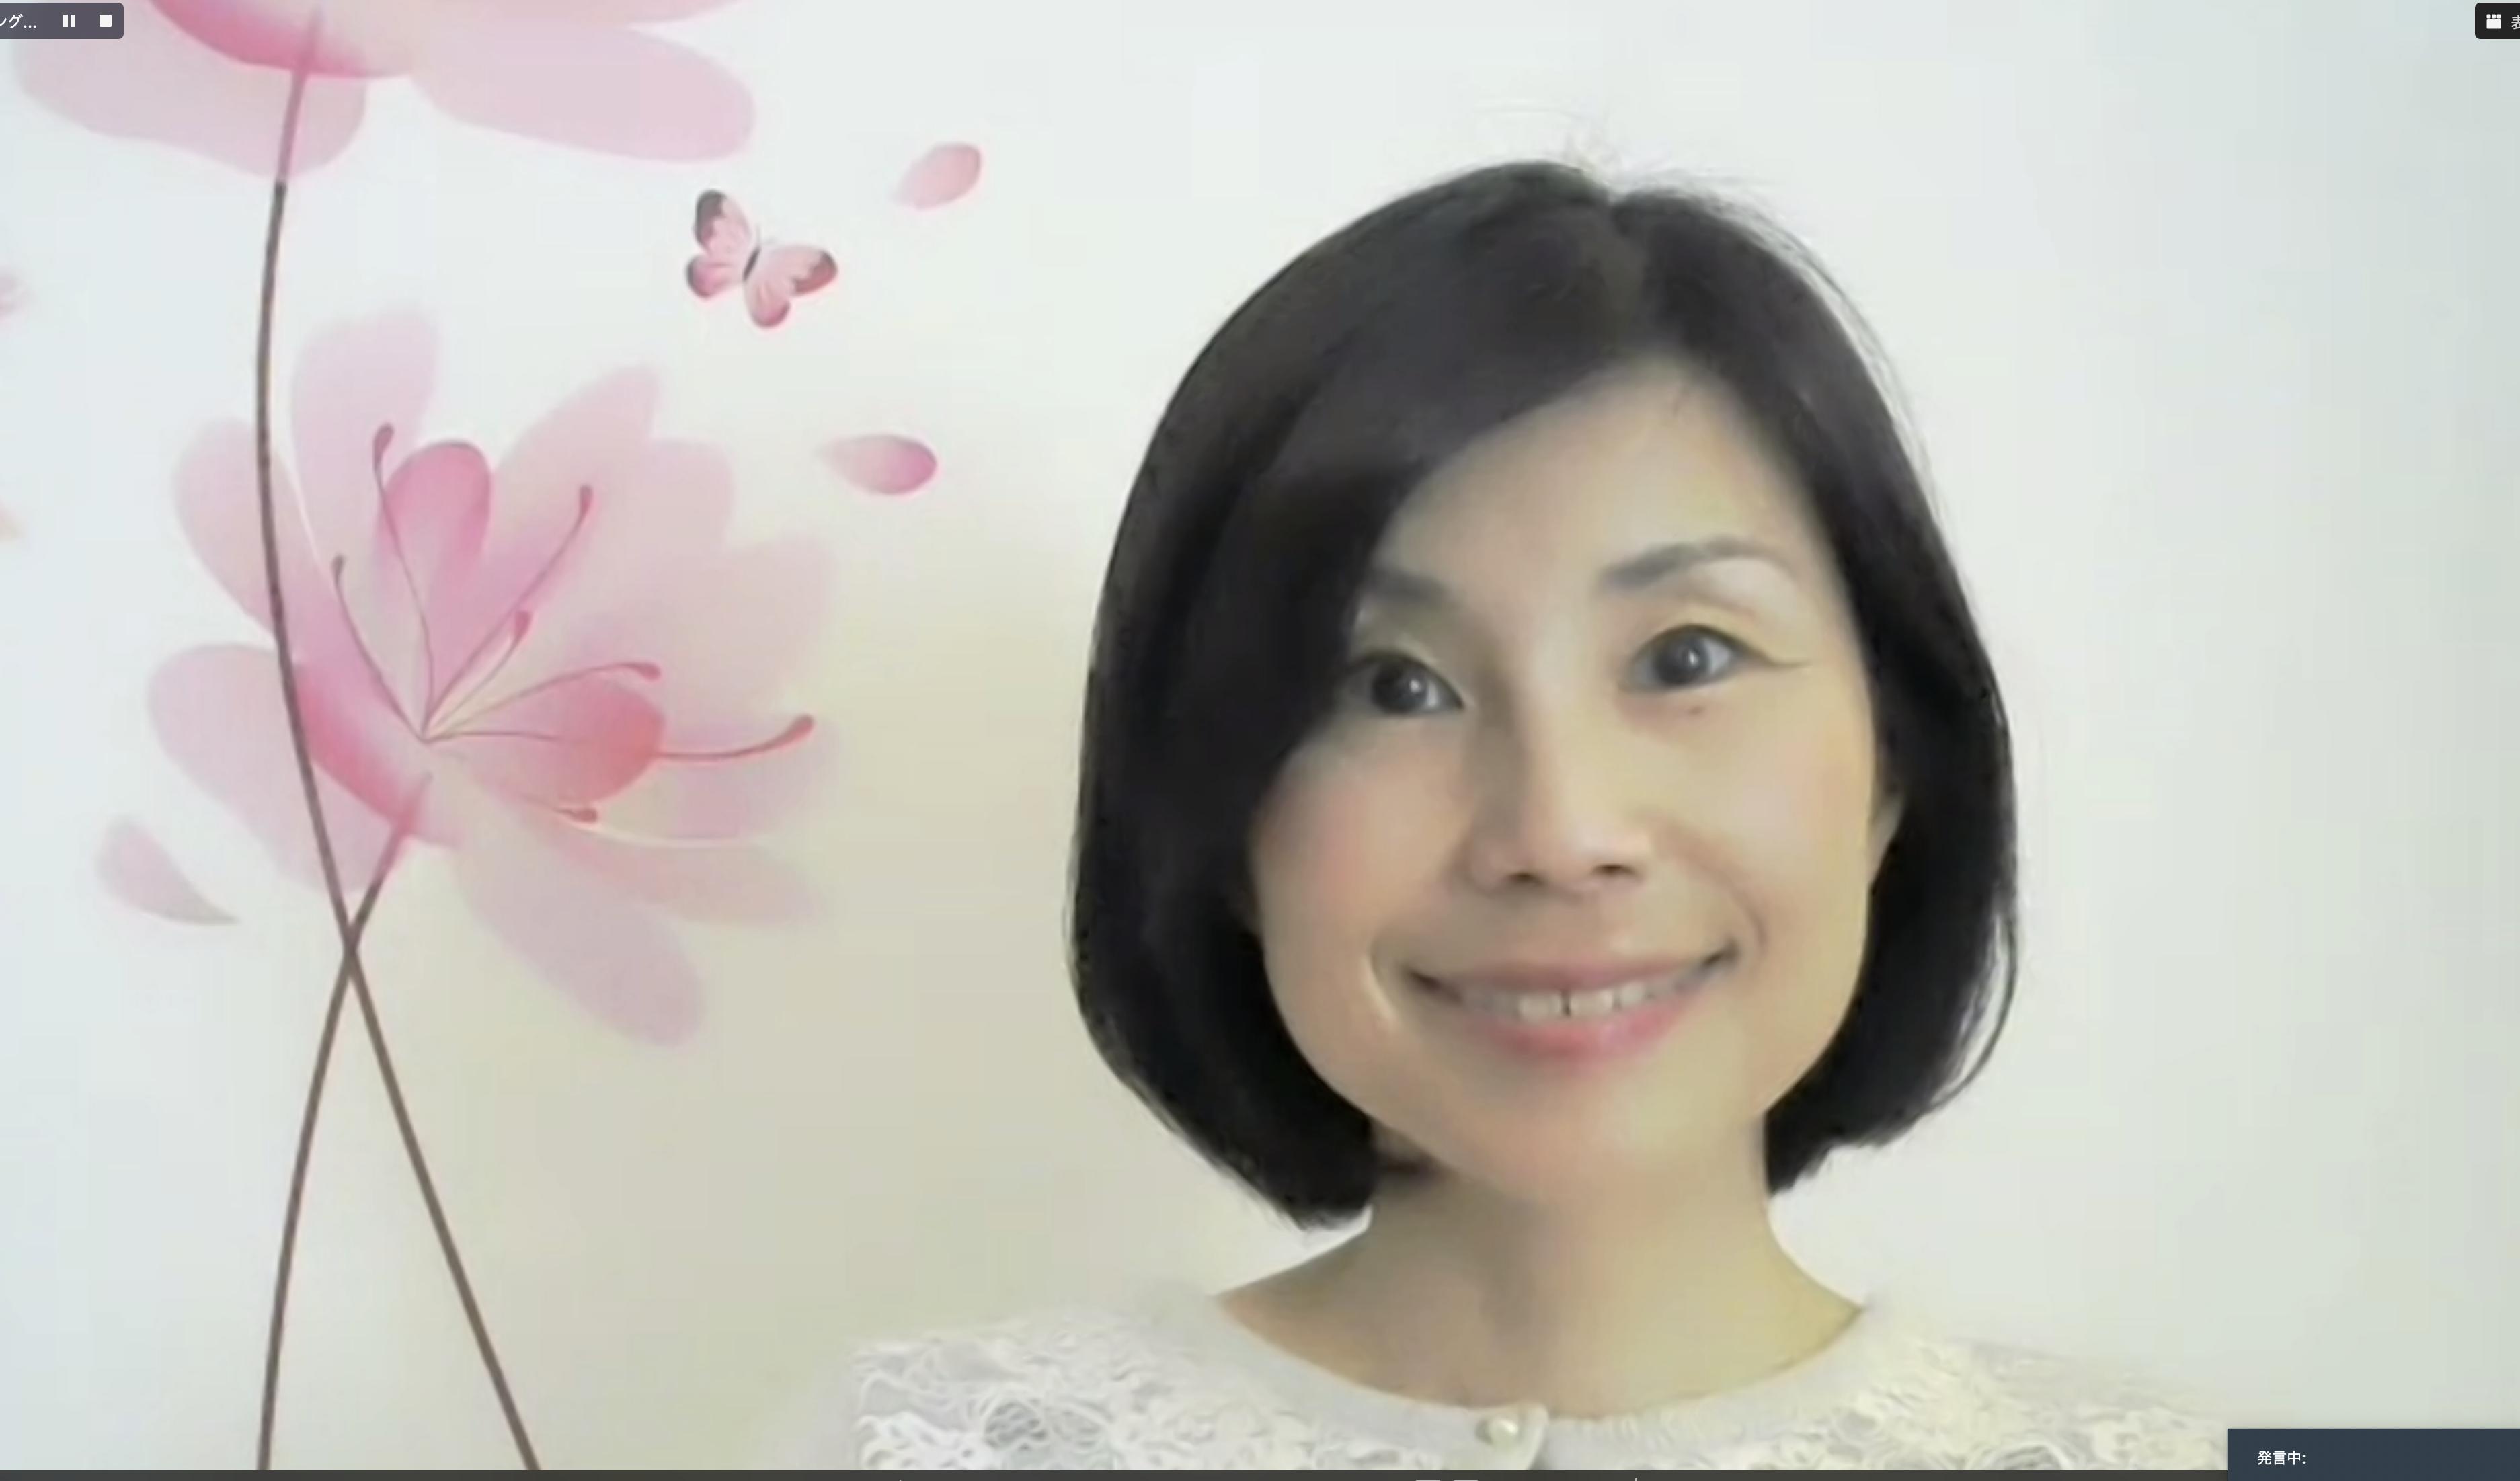 【共同養育特集】別れても、ふたり親。離婚後の家族を第一線で支える「りむすび」代表しばはし聡子さんインタビュー